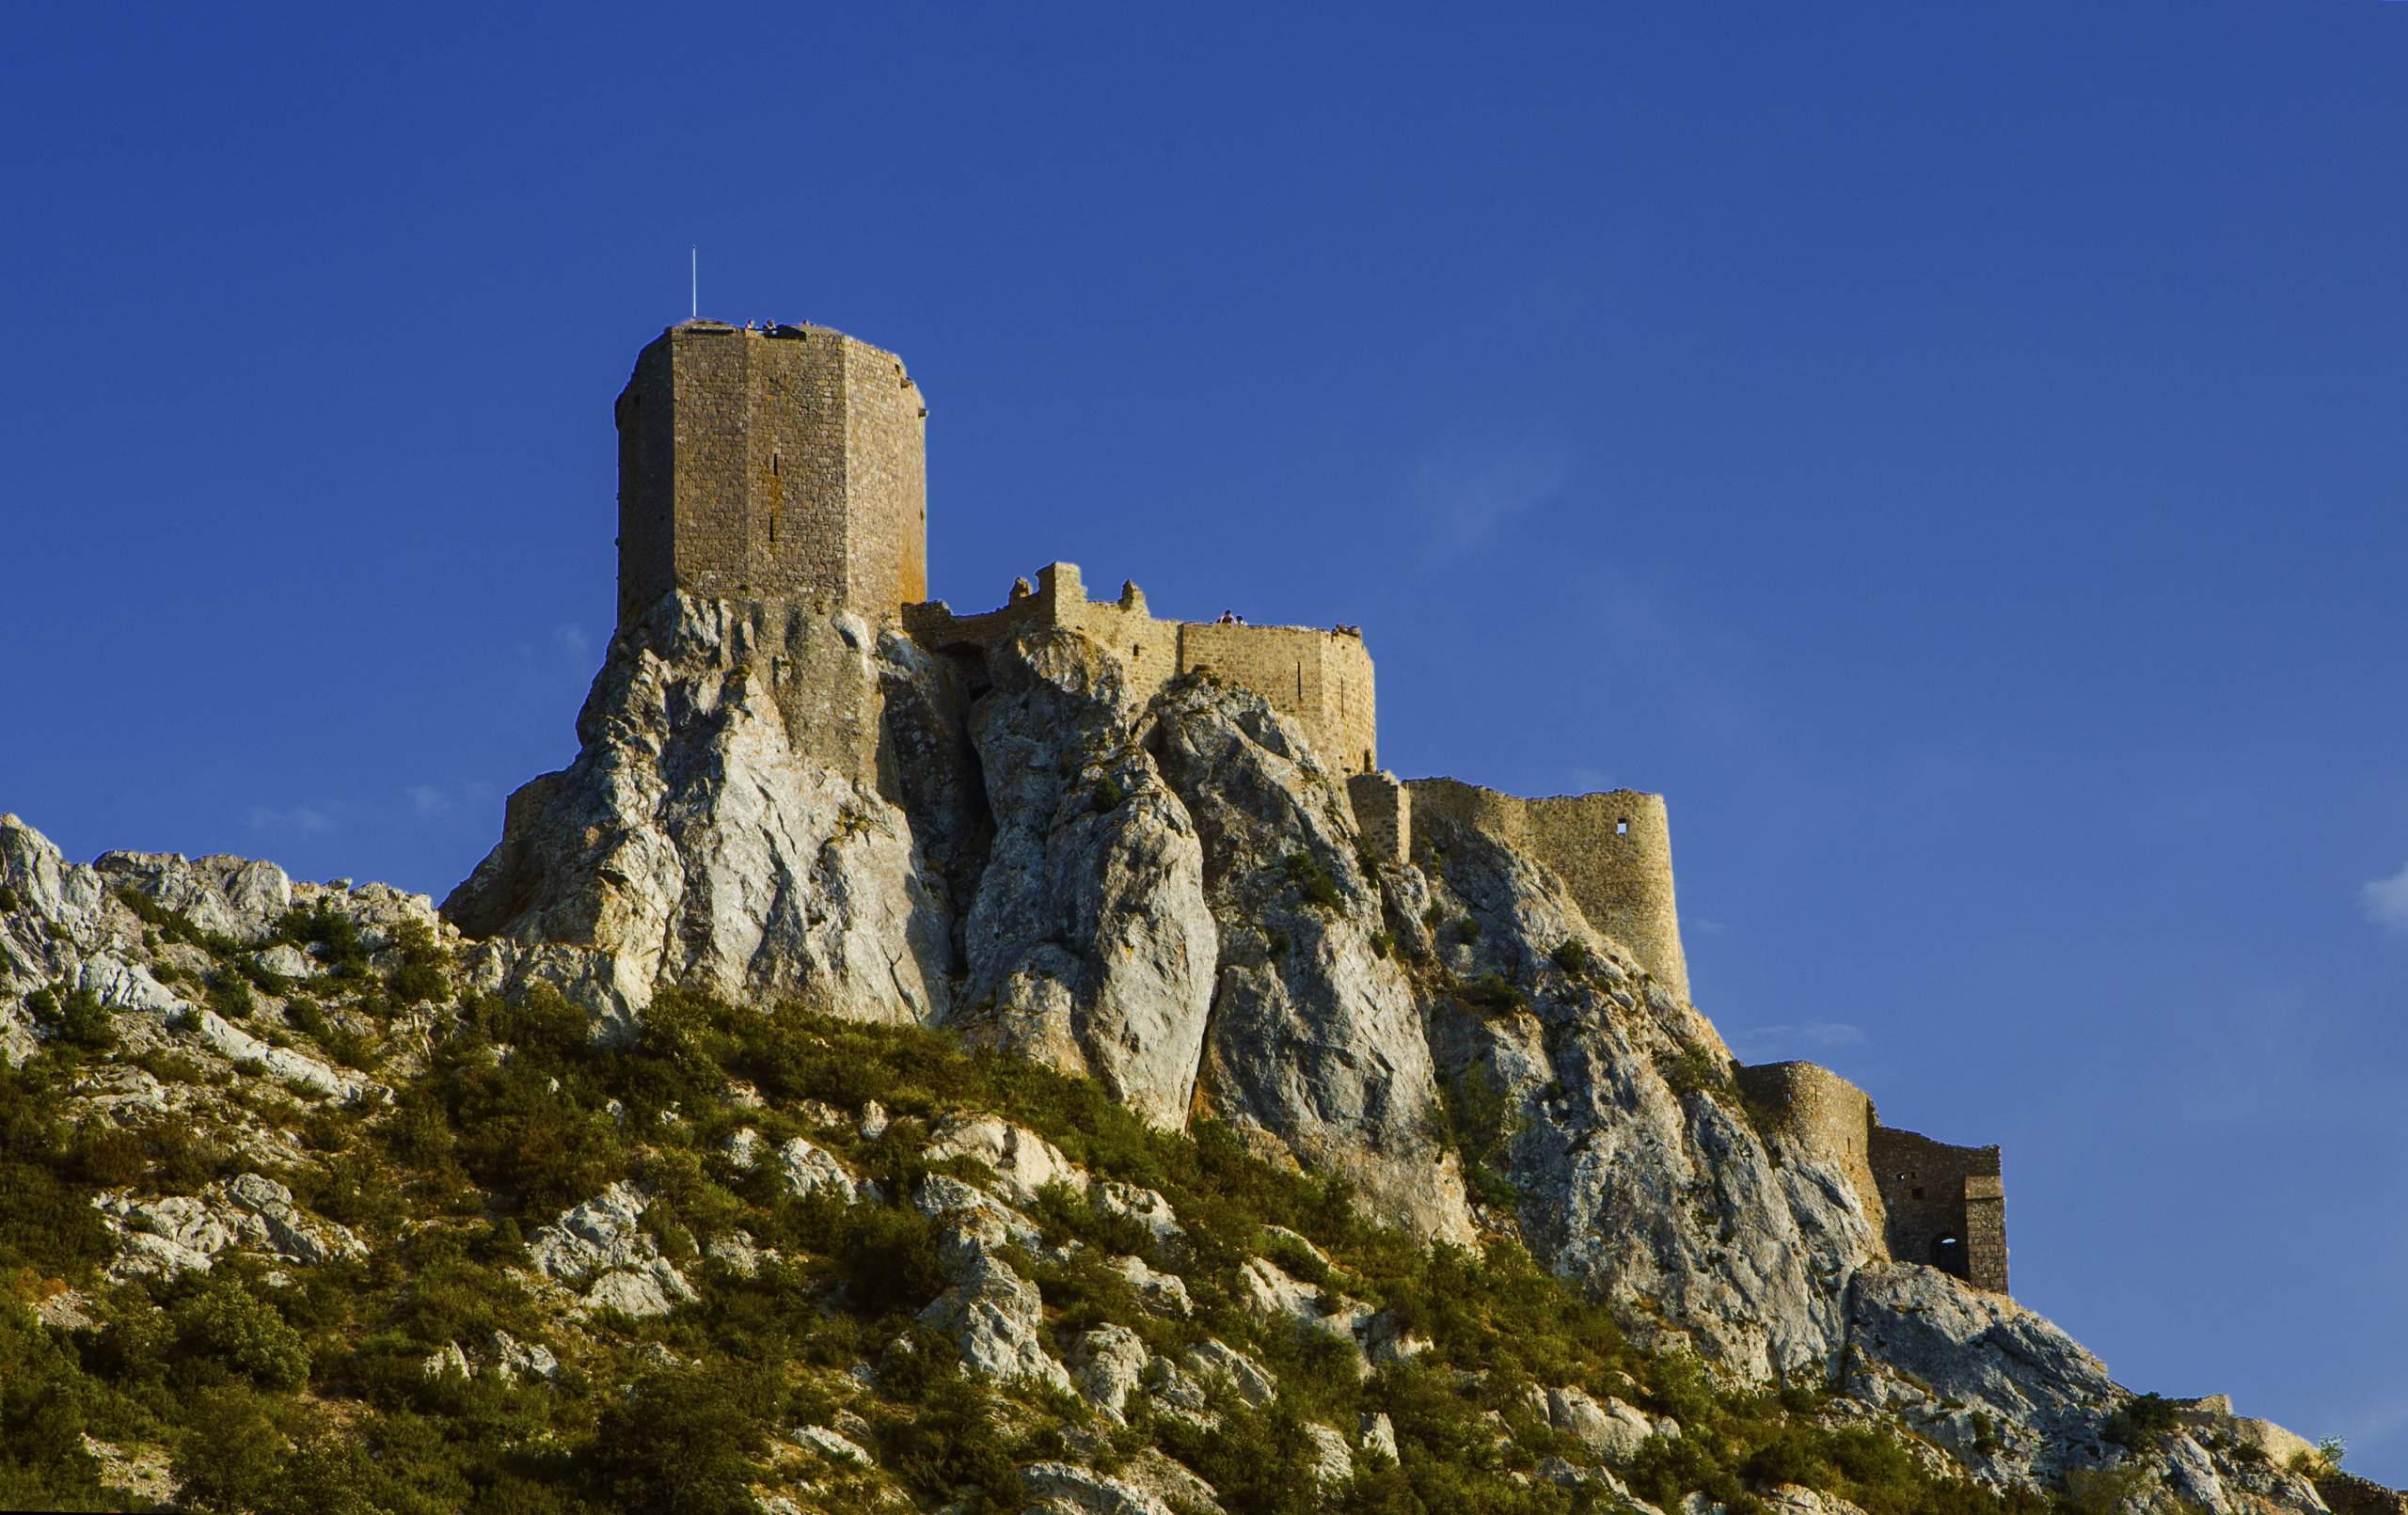 Chateau dePeyrepertuse